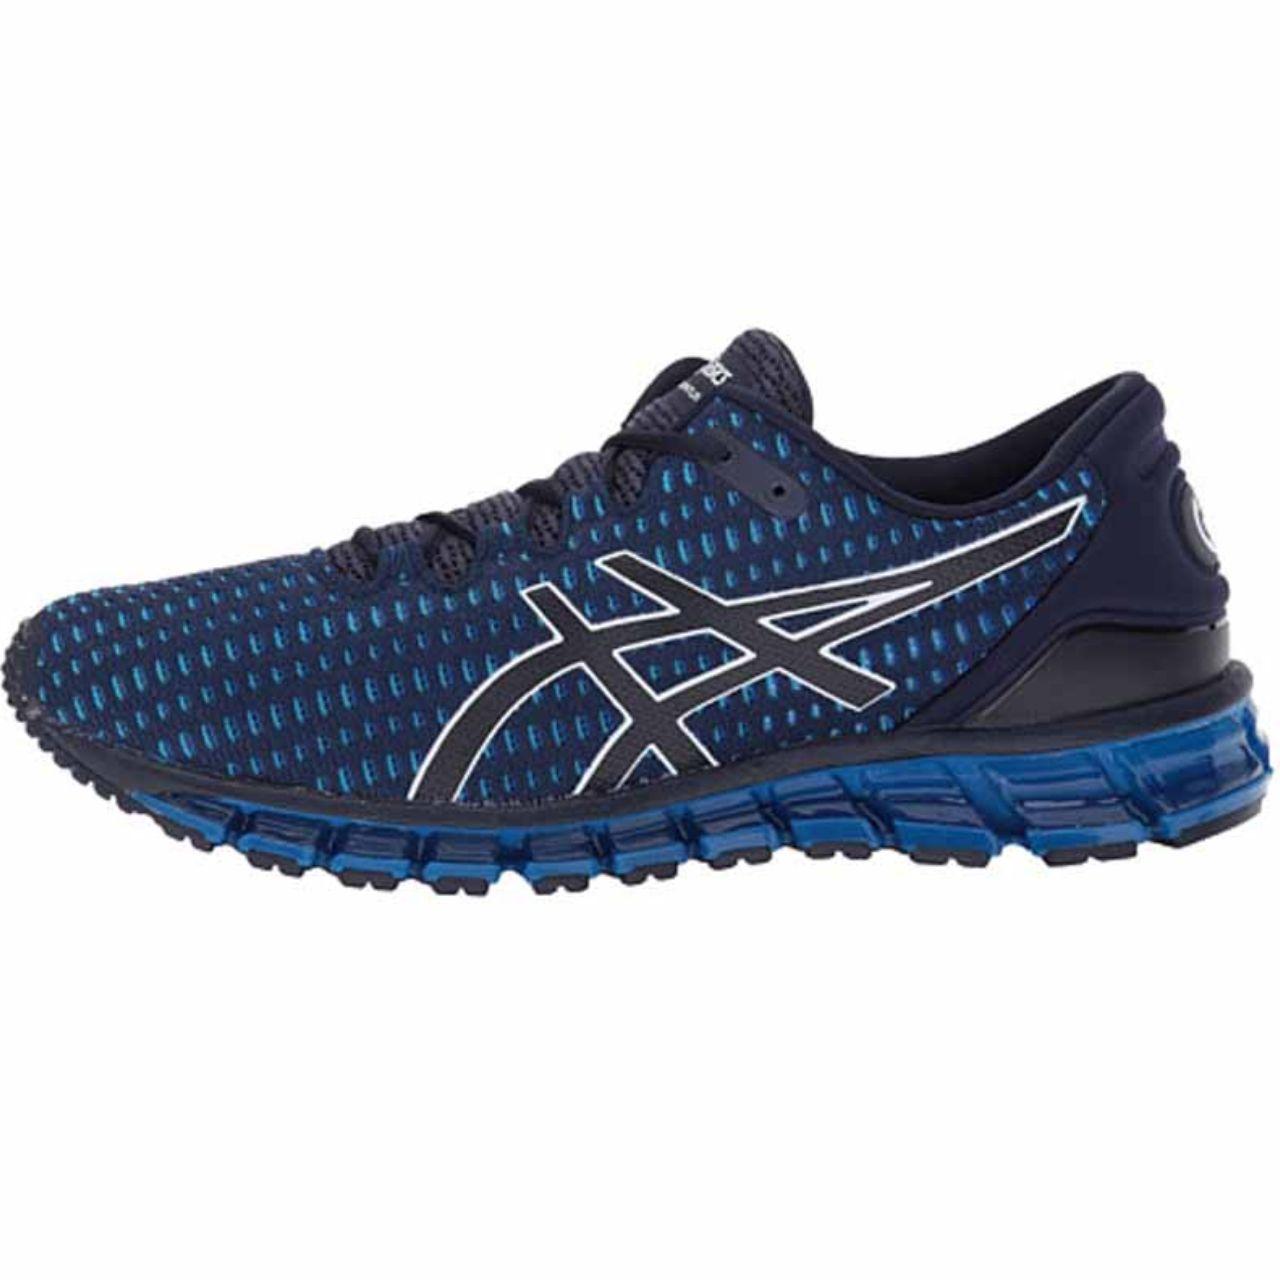 قیمت کفش مخصوص دویدن مردانه اسیکس مدل Gel Quantum 360 Shift